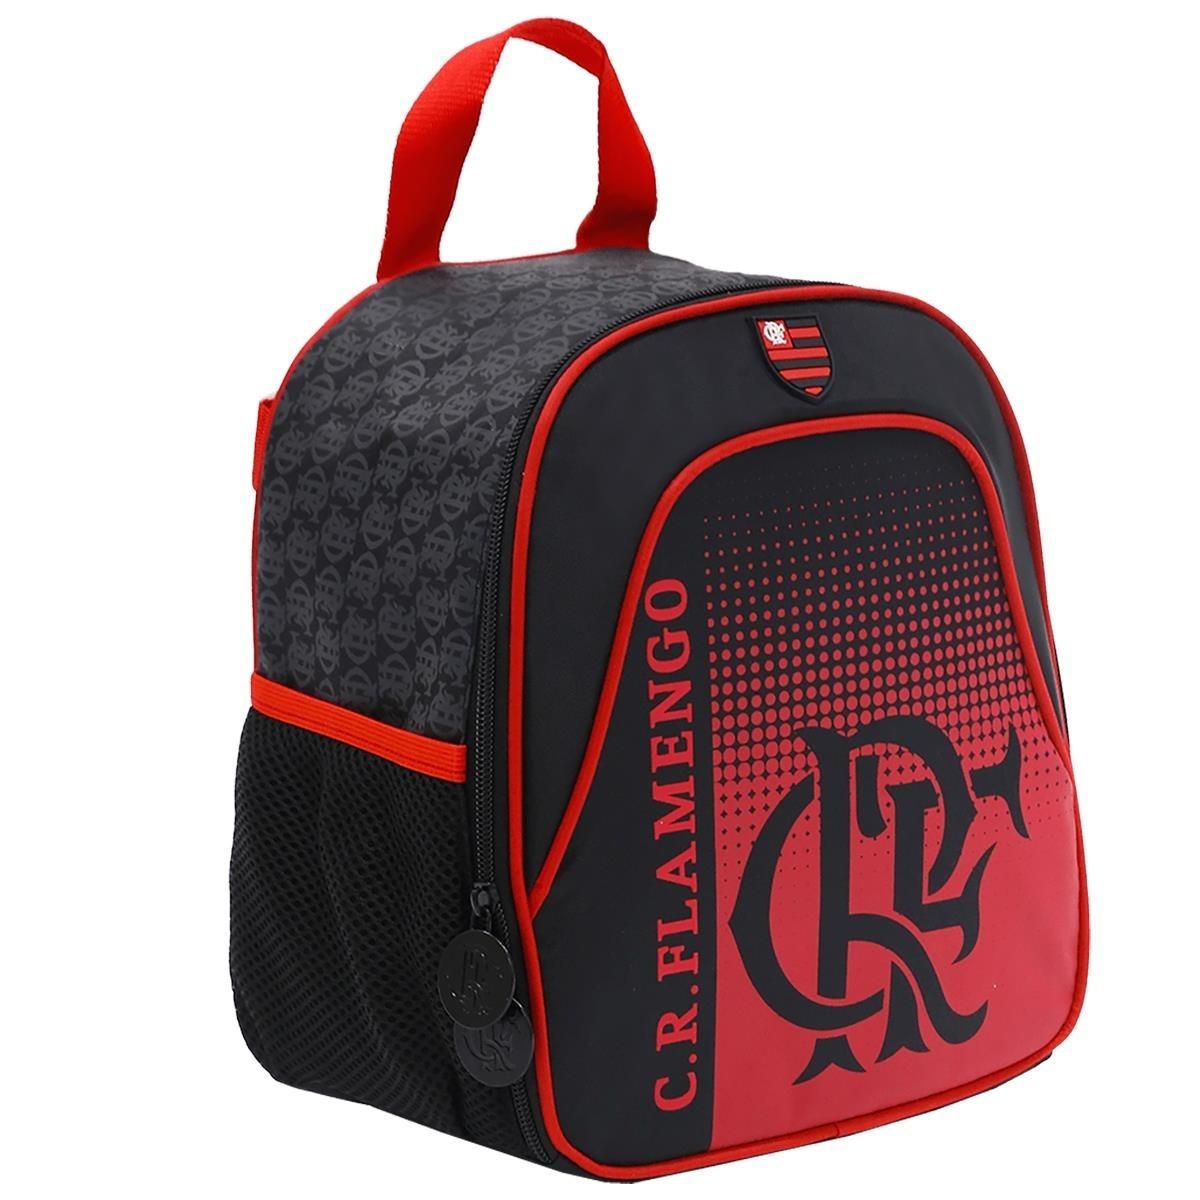 b40040d6a Lancheira Termica Flamengo Mengão Ref 8054 Xeryus - R$ 120,00 em ...